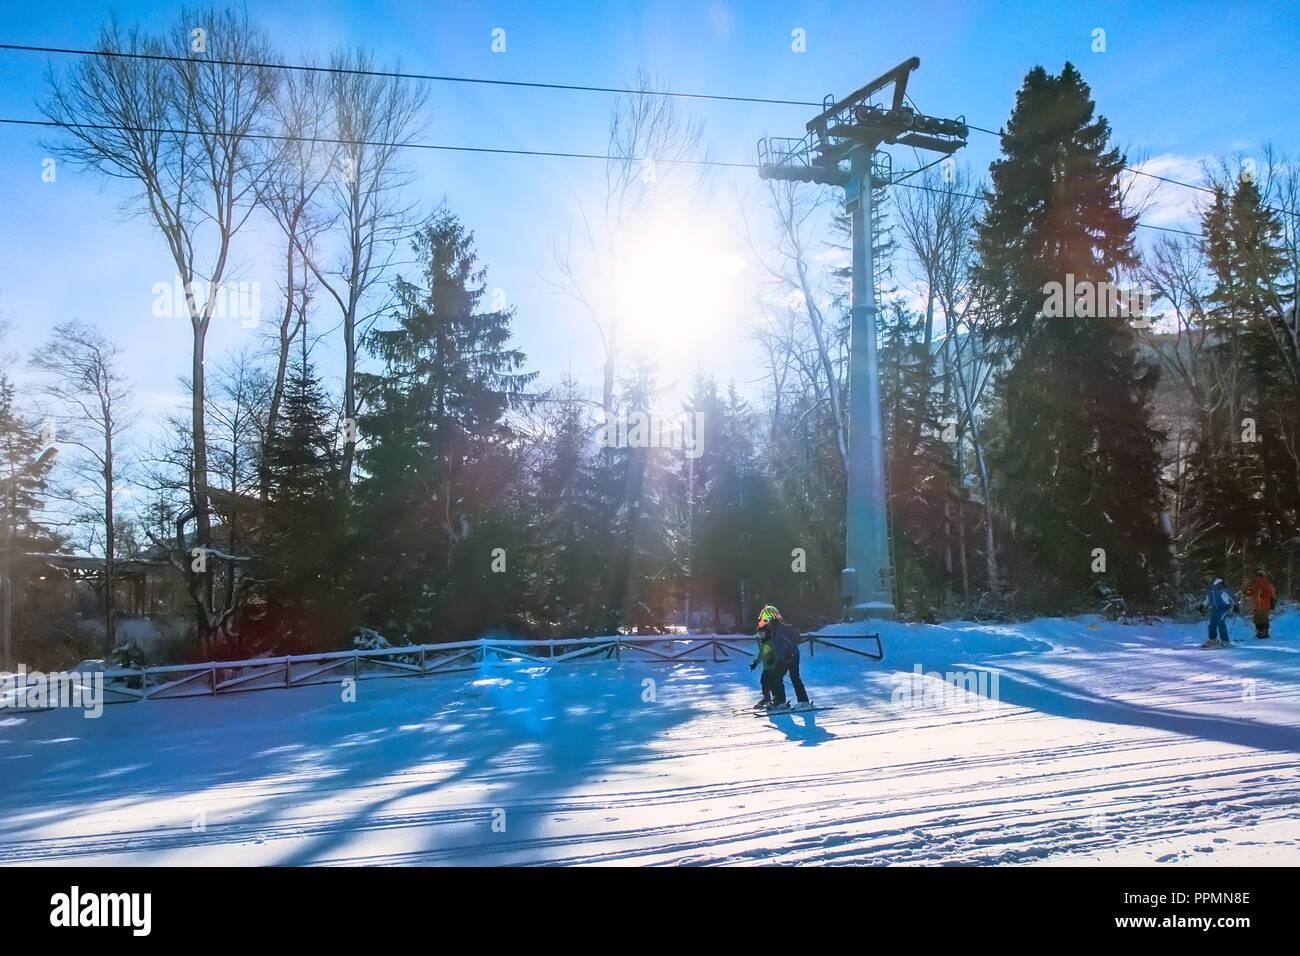 Ski Resort Panorama mit Skilift Kabine, Piste und Schnee Berge, Bulgarien Stockfoto